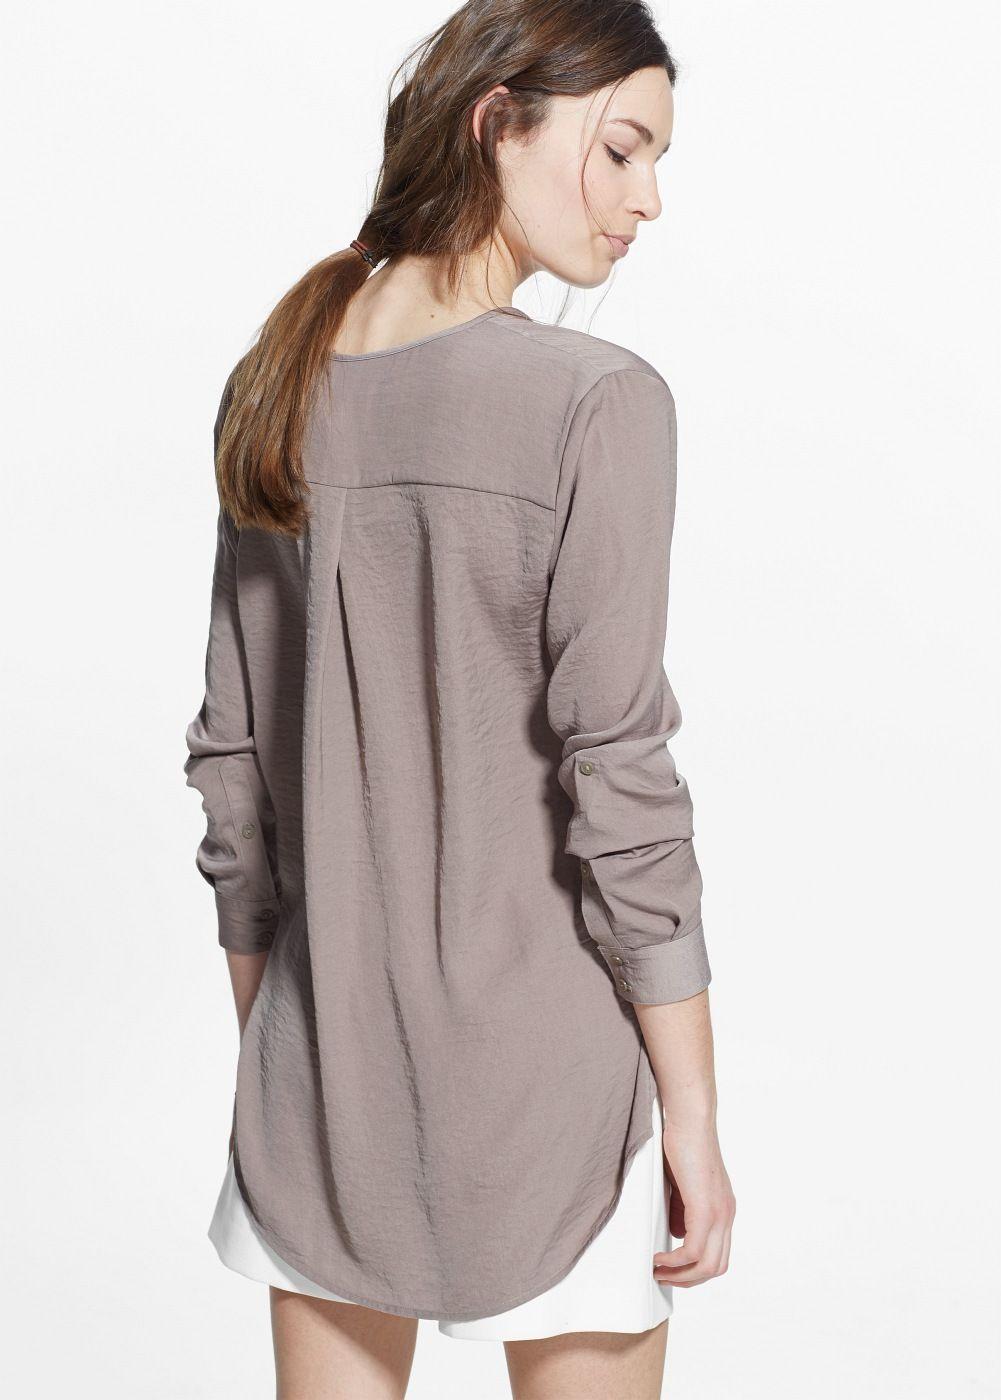 chemise longue fluide femme chemise longue chemise et. Black Bedroom Furniture Sets. Home Design Ideas